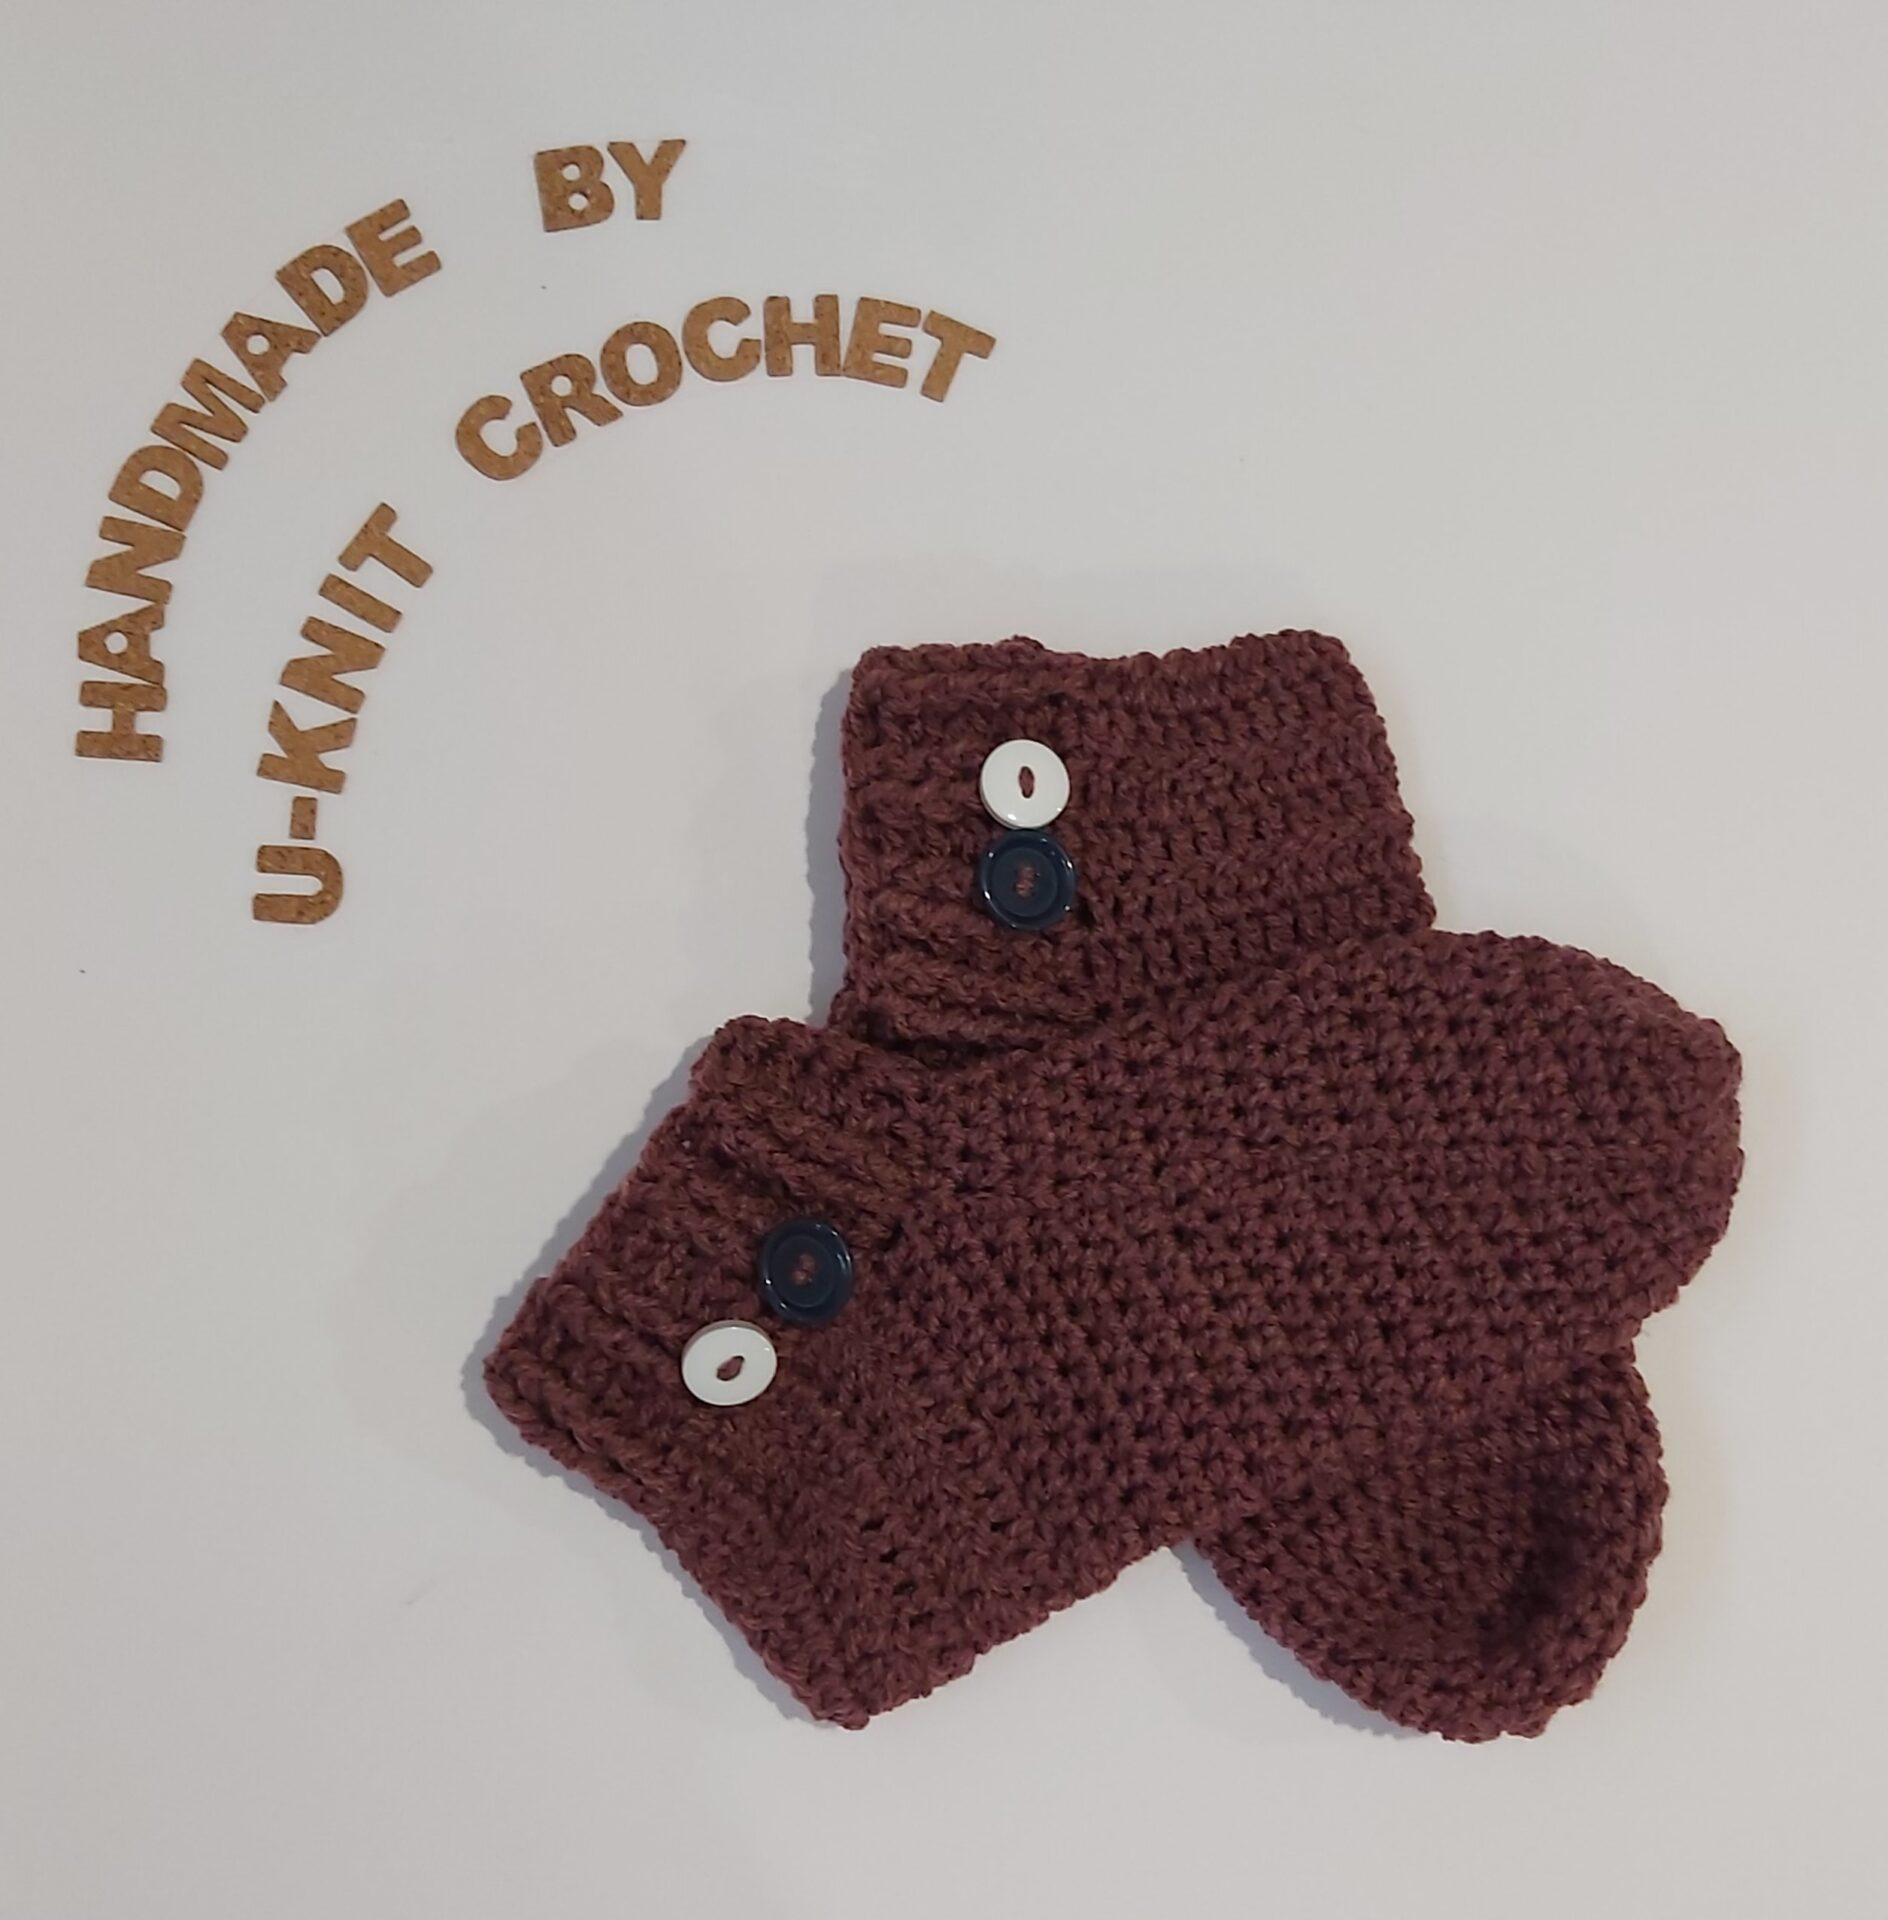 Mauve Home Socks Handmade By U-Knit Crochet